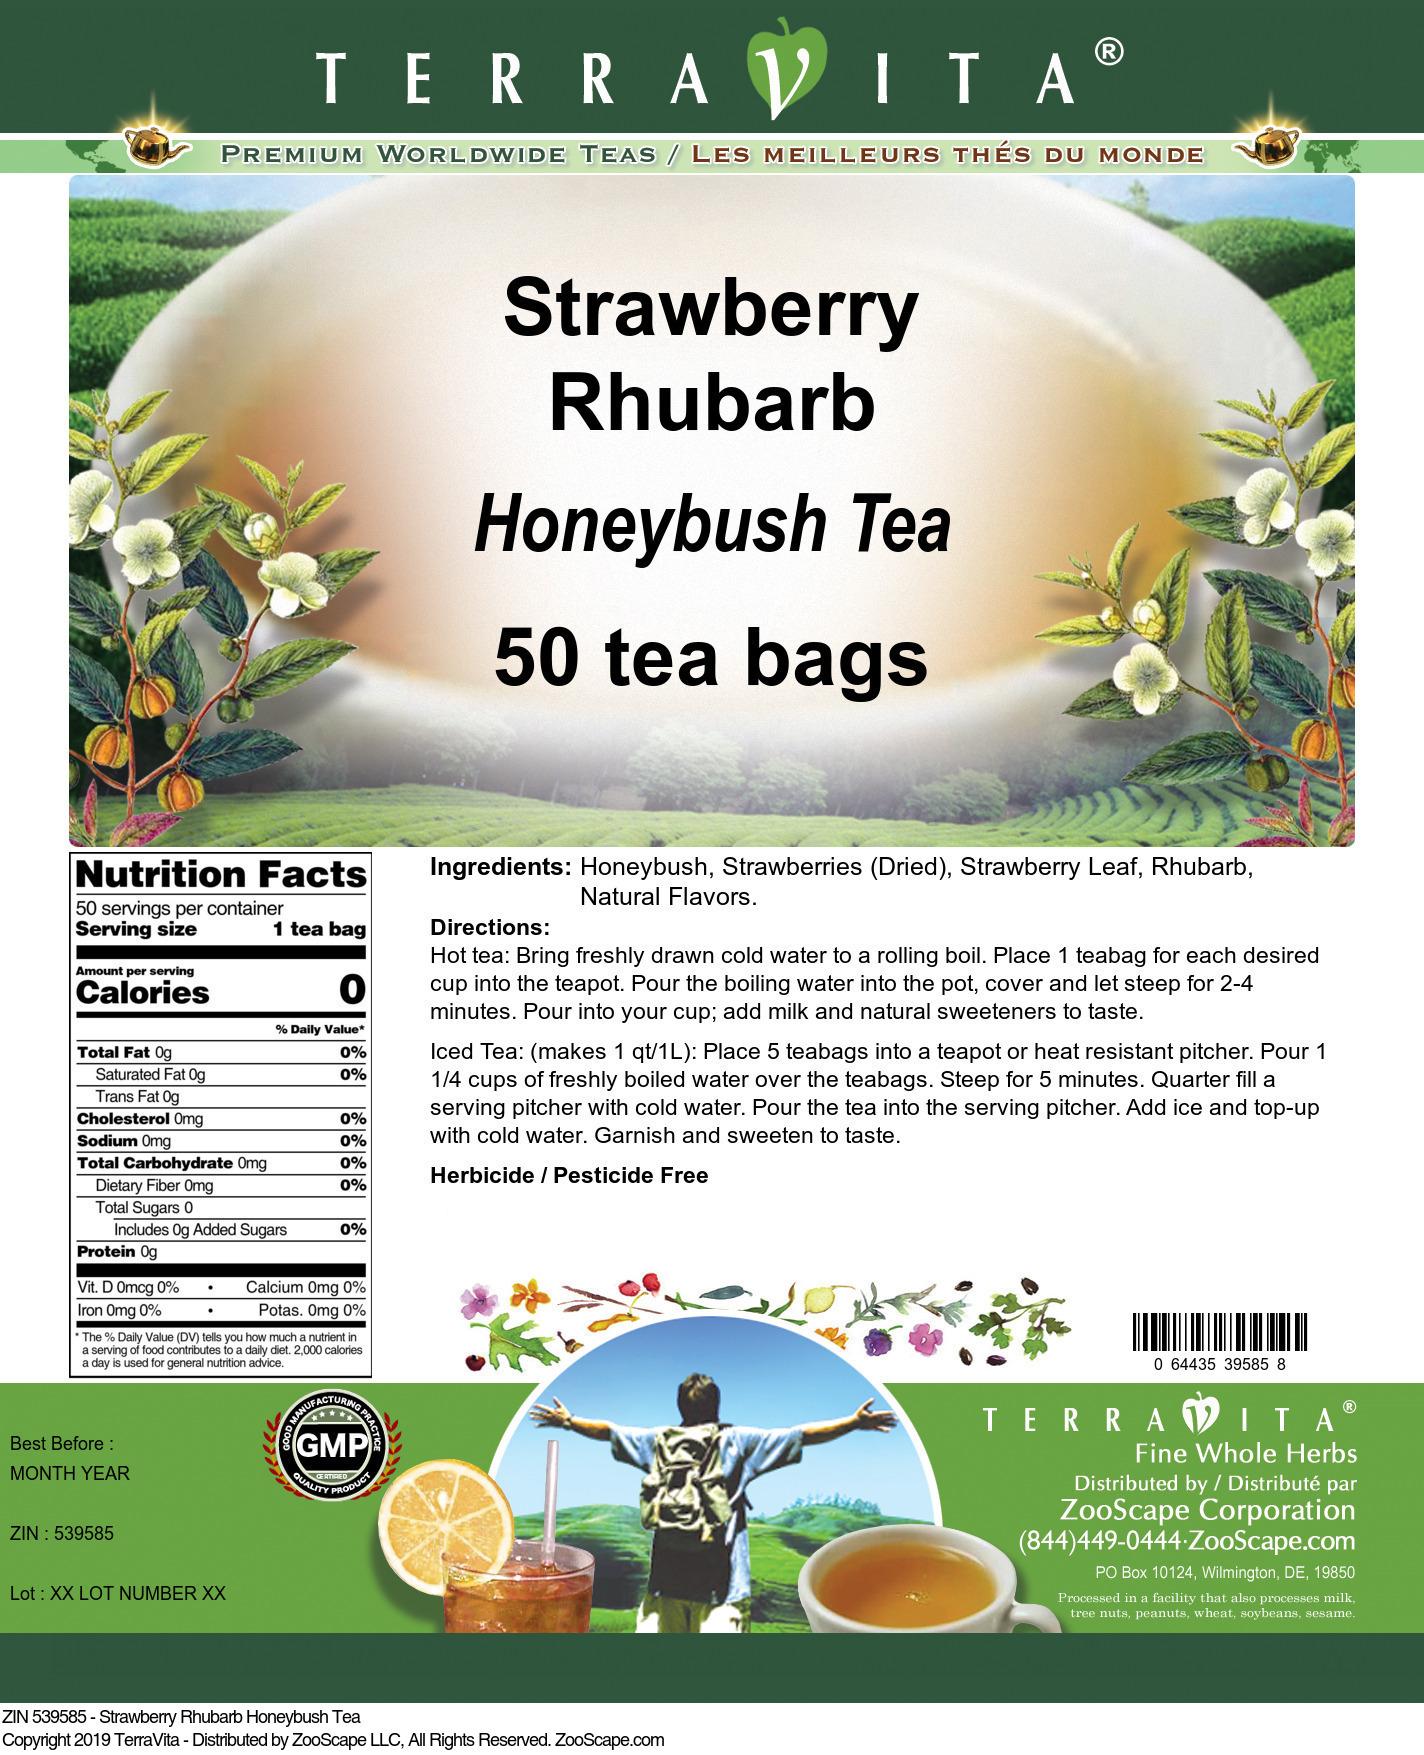 Strawberry Rhubarb Honeybush Tea